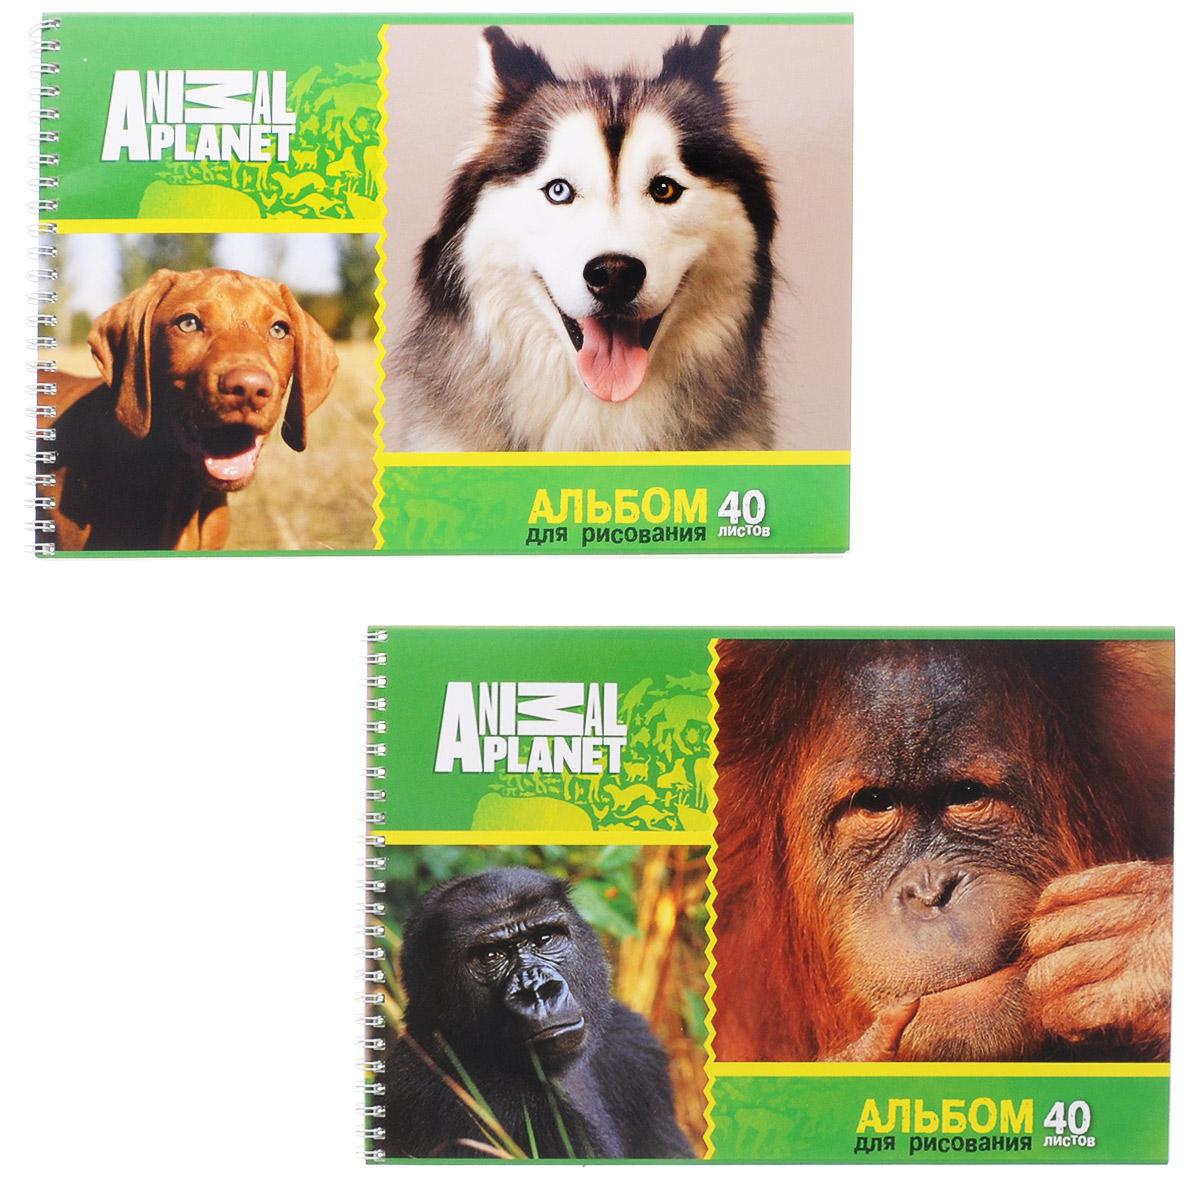 Action! Набор альбомов для рисования Собаки и обезьяны 40 листов 2 штAP-AAS-40/1_собаки, обезьяныАльбом для рисования Action! Собаки и обезьяны порадует маленького художника и вдохновит его на творчество. Альбом изготовлен из белоснежной бумаги с яркой обложкой из плотного картона. Внутренний блок альбома на гребне. Один альбом содержит 40 листов. В набор входят два альбома.